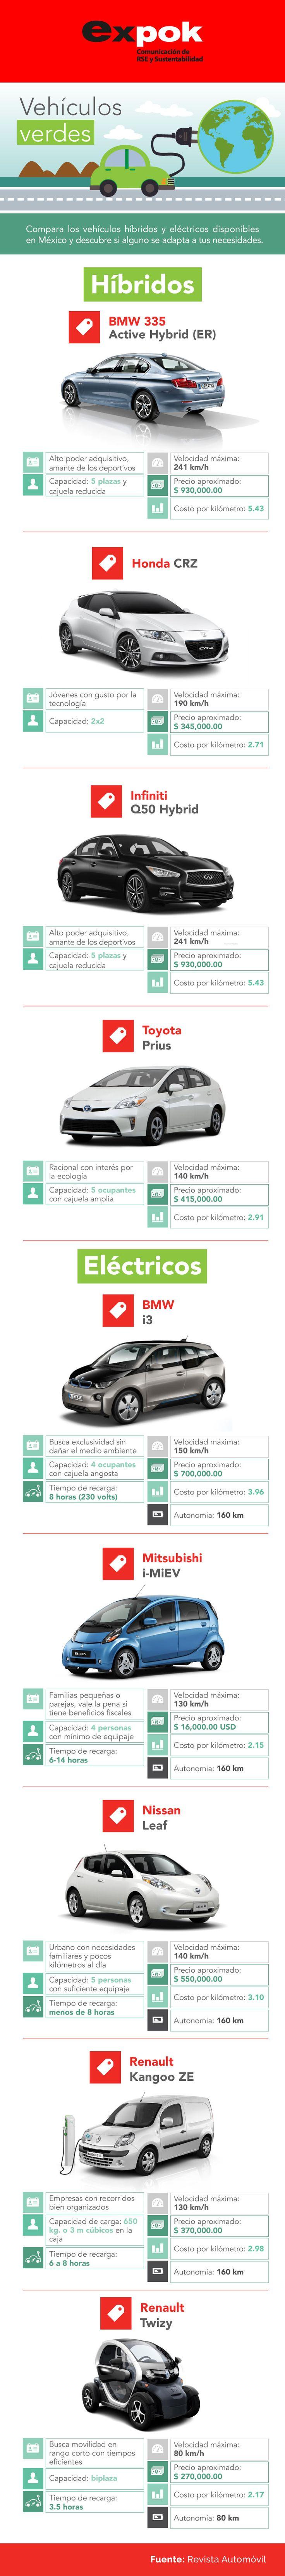 9 autos híbridos y eléctricos disponibles en México. http://www.expoknews.com/9-autos-hibridos-y-electricos-disponibles-en-mexico/